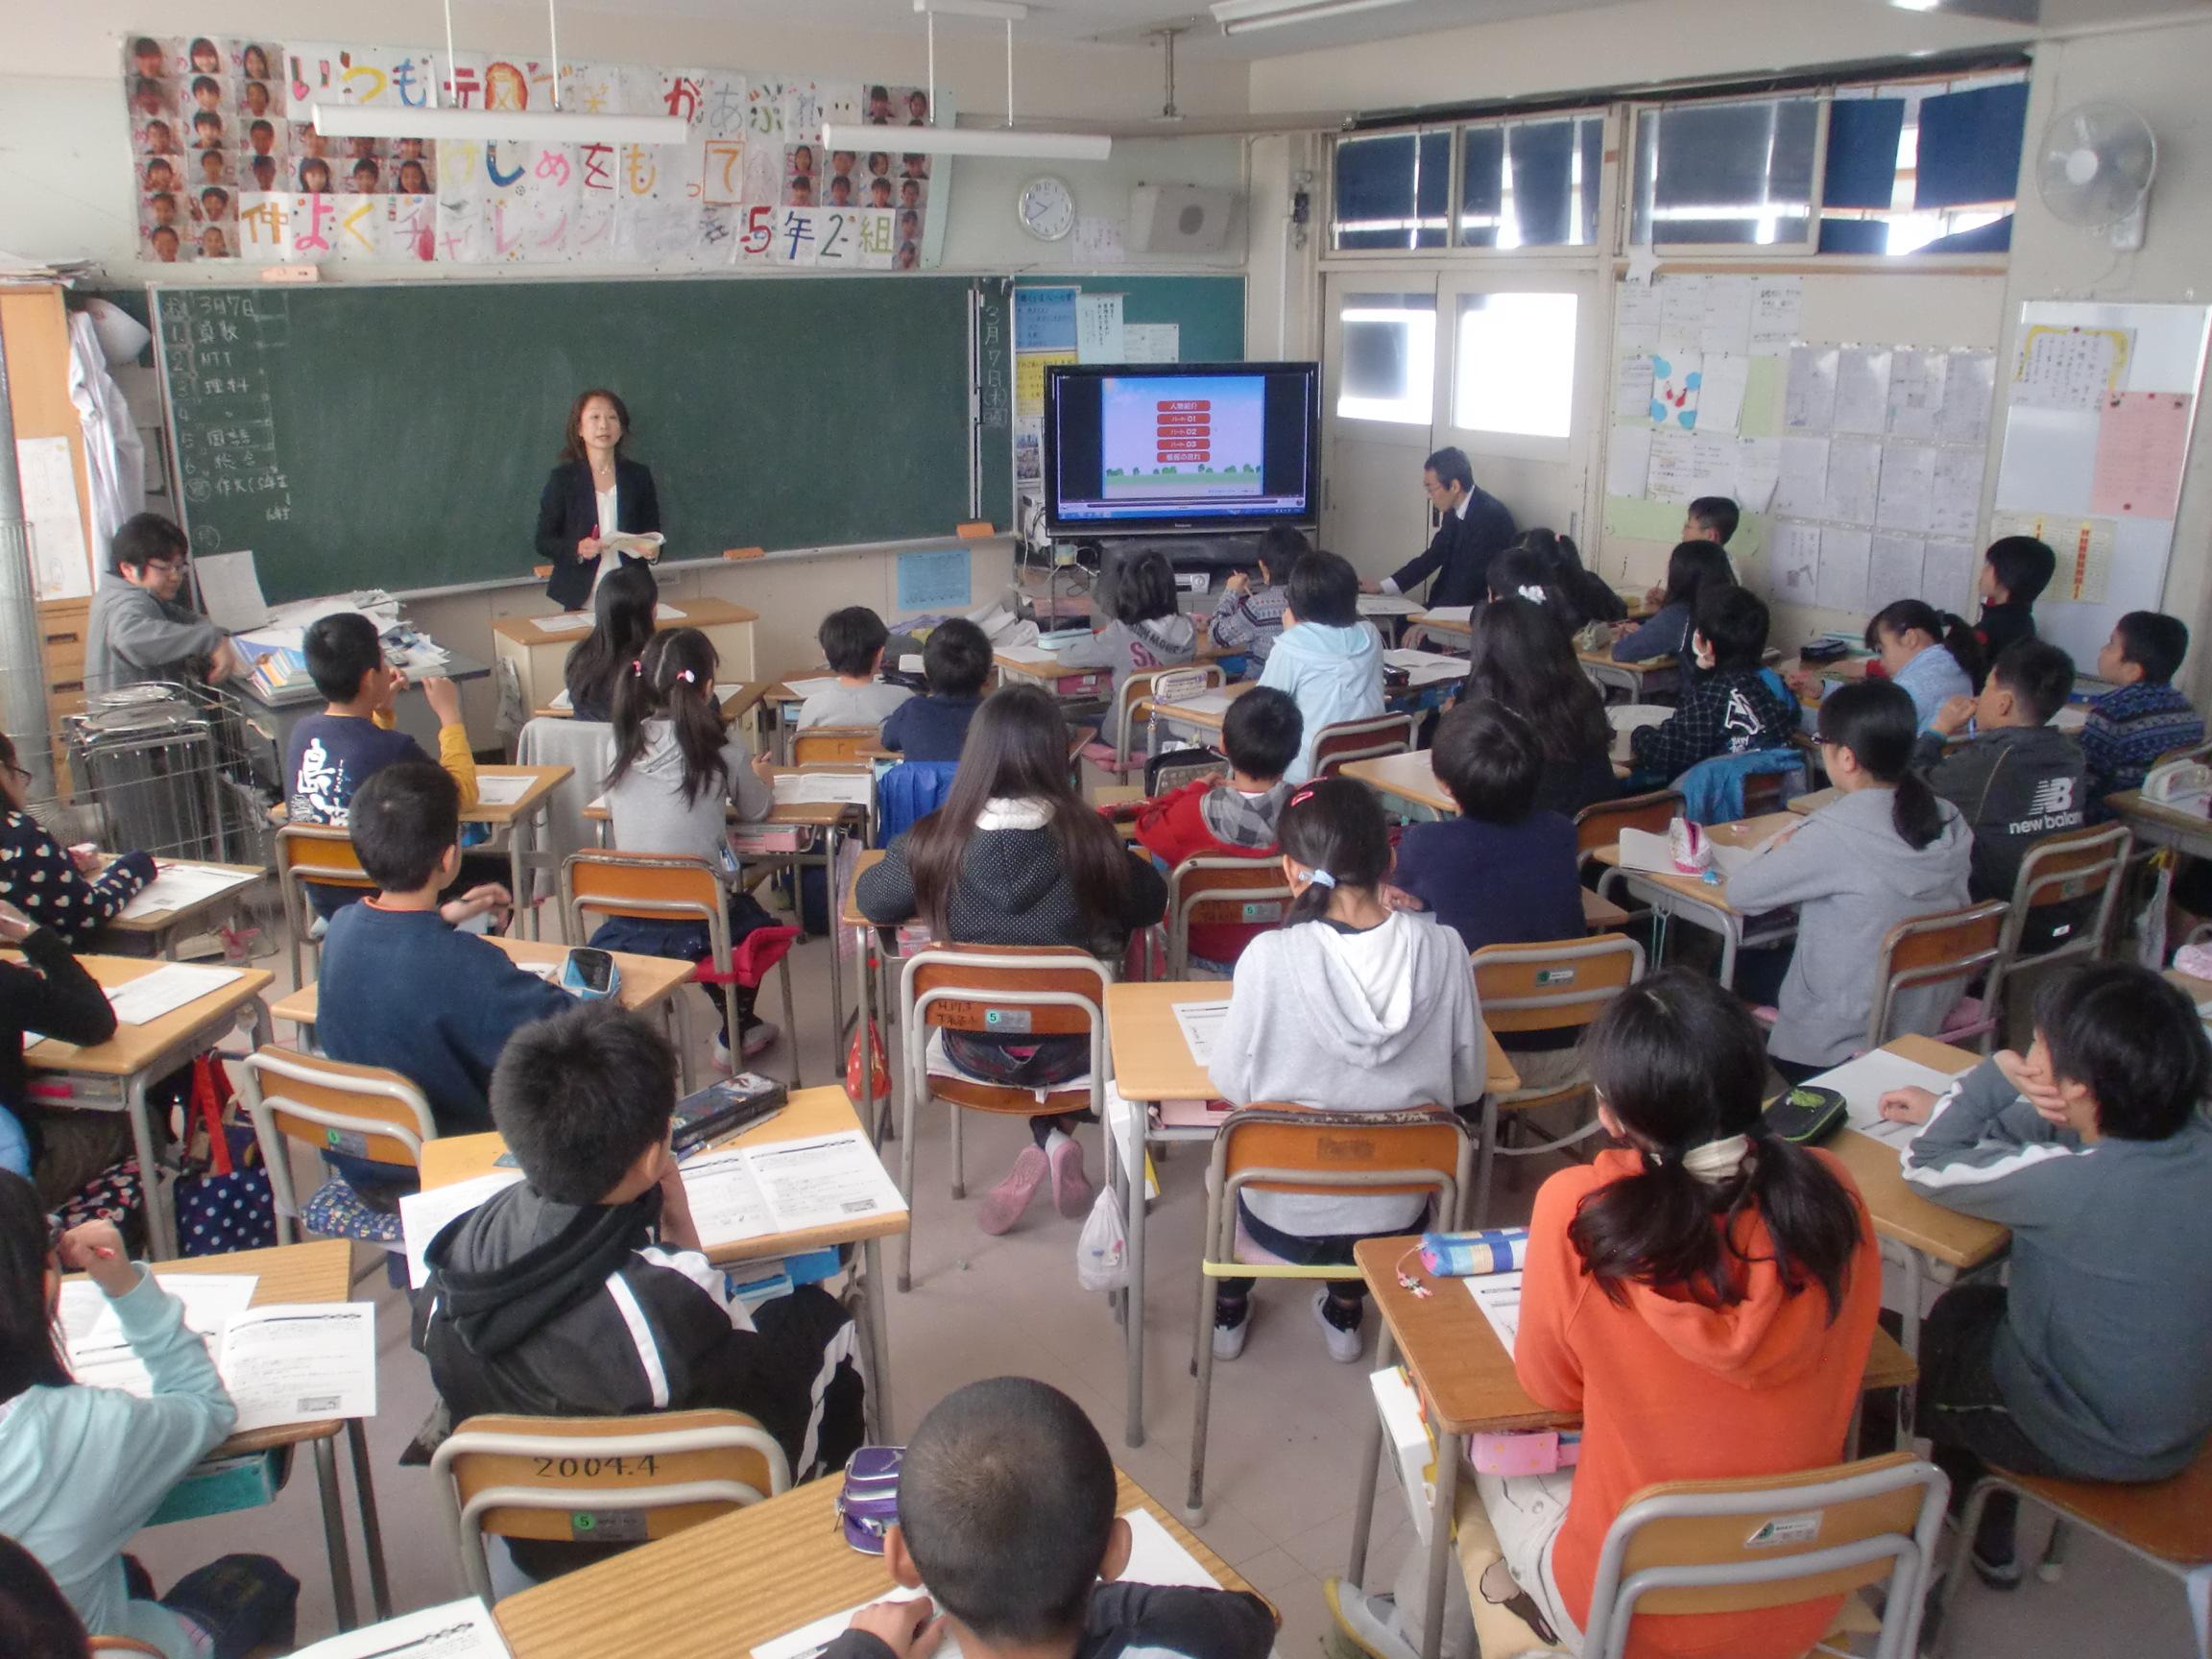 小学生向け出張授業「ネット安全...